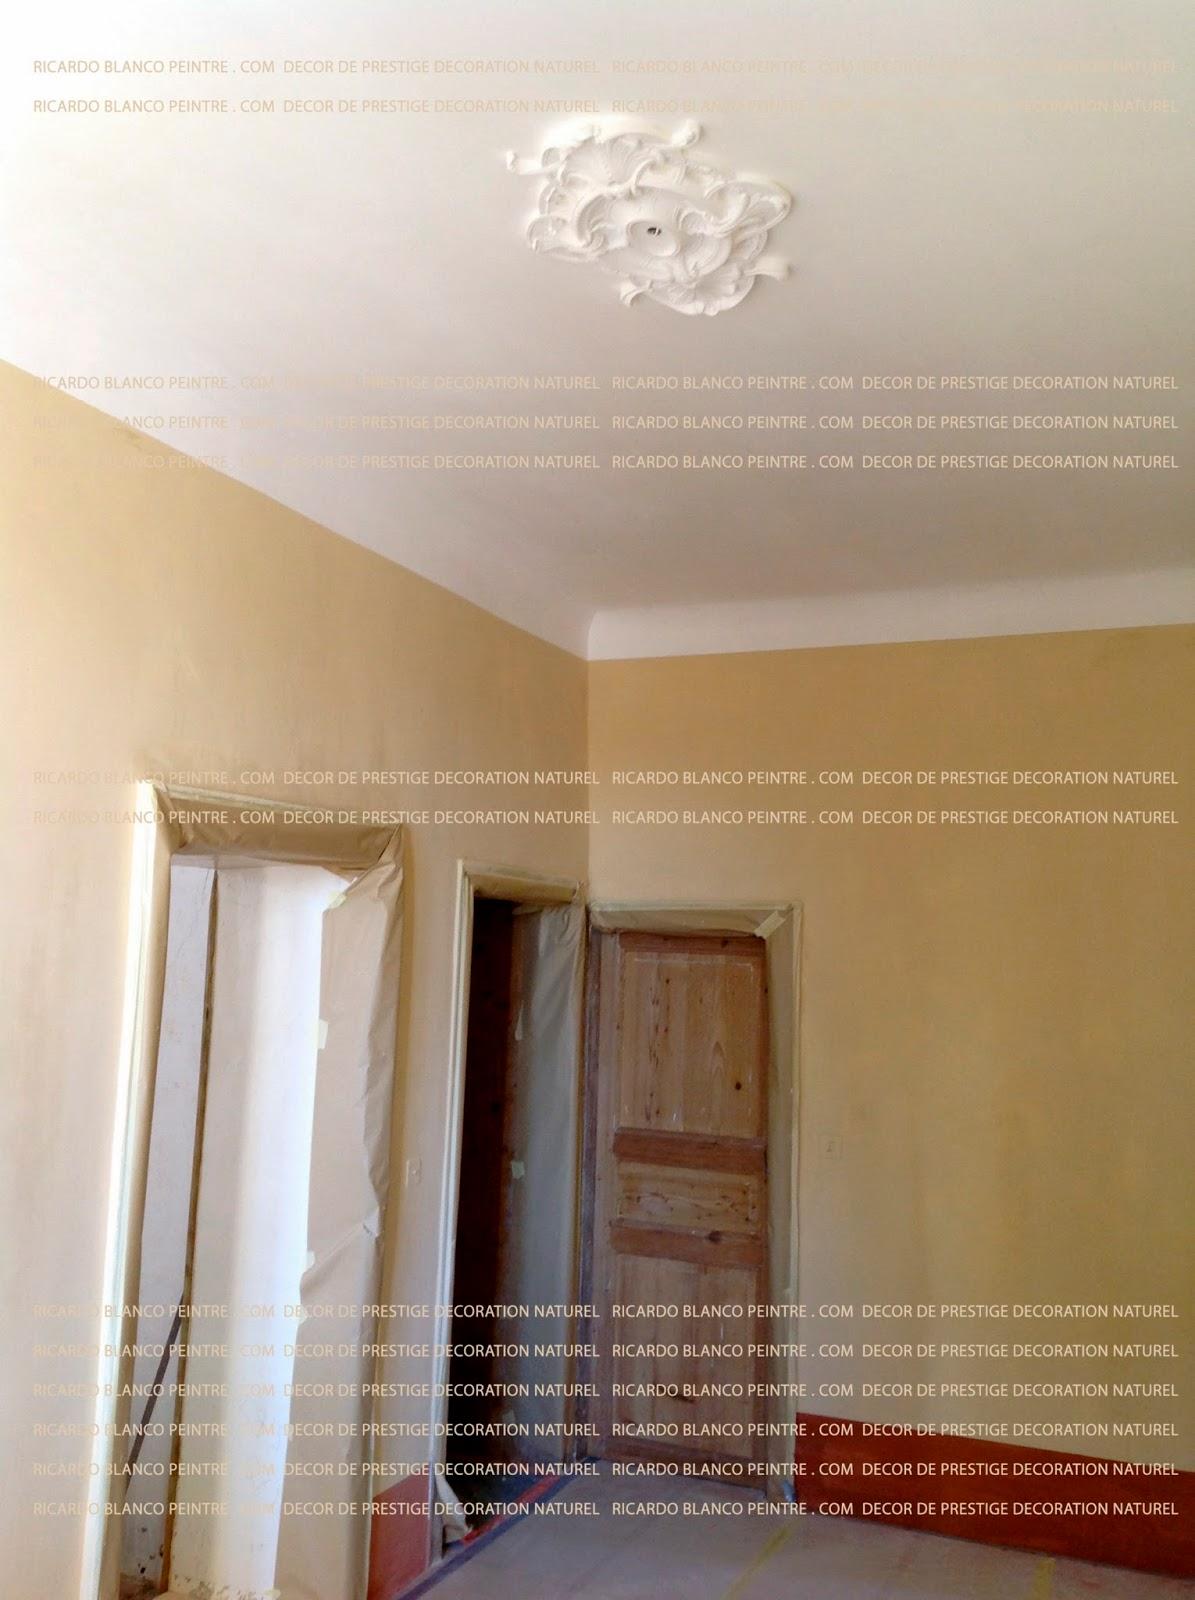 Réparer Un Plafond En Platre dedans ricardo blanco peinture & dÉcoration à la chaux naturelle artisan